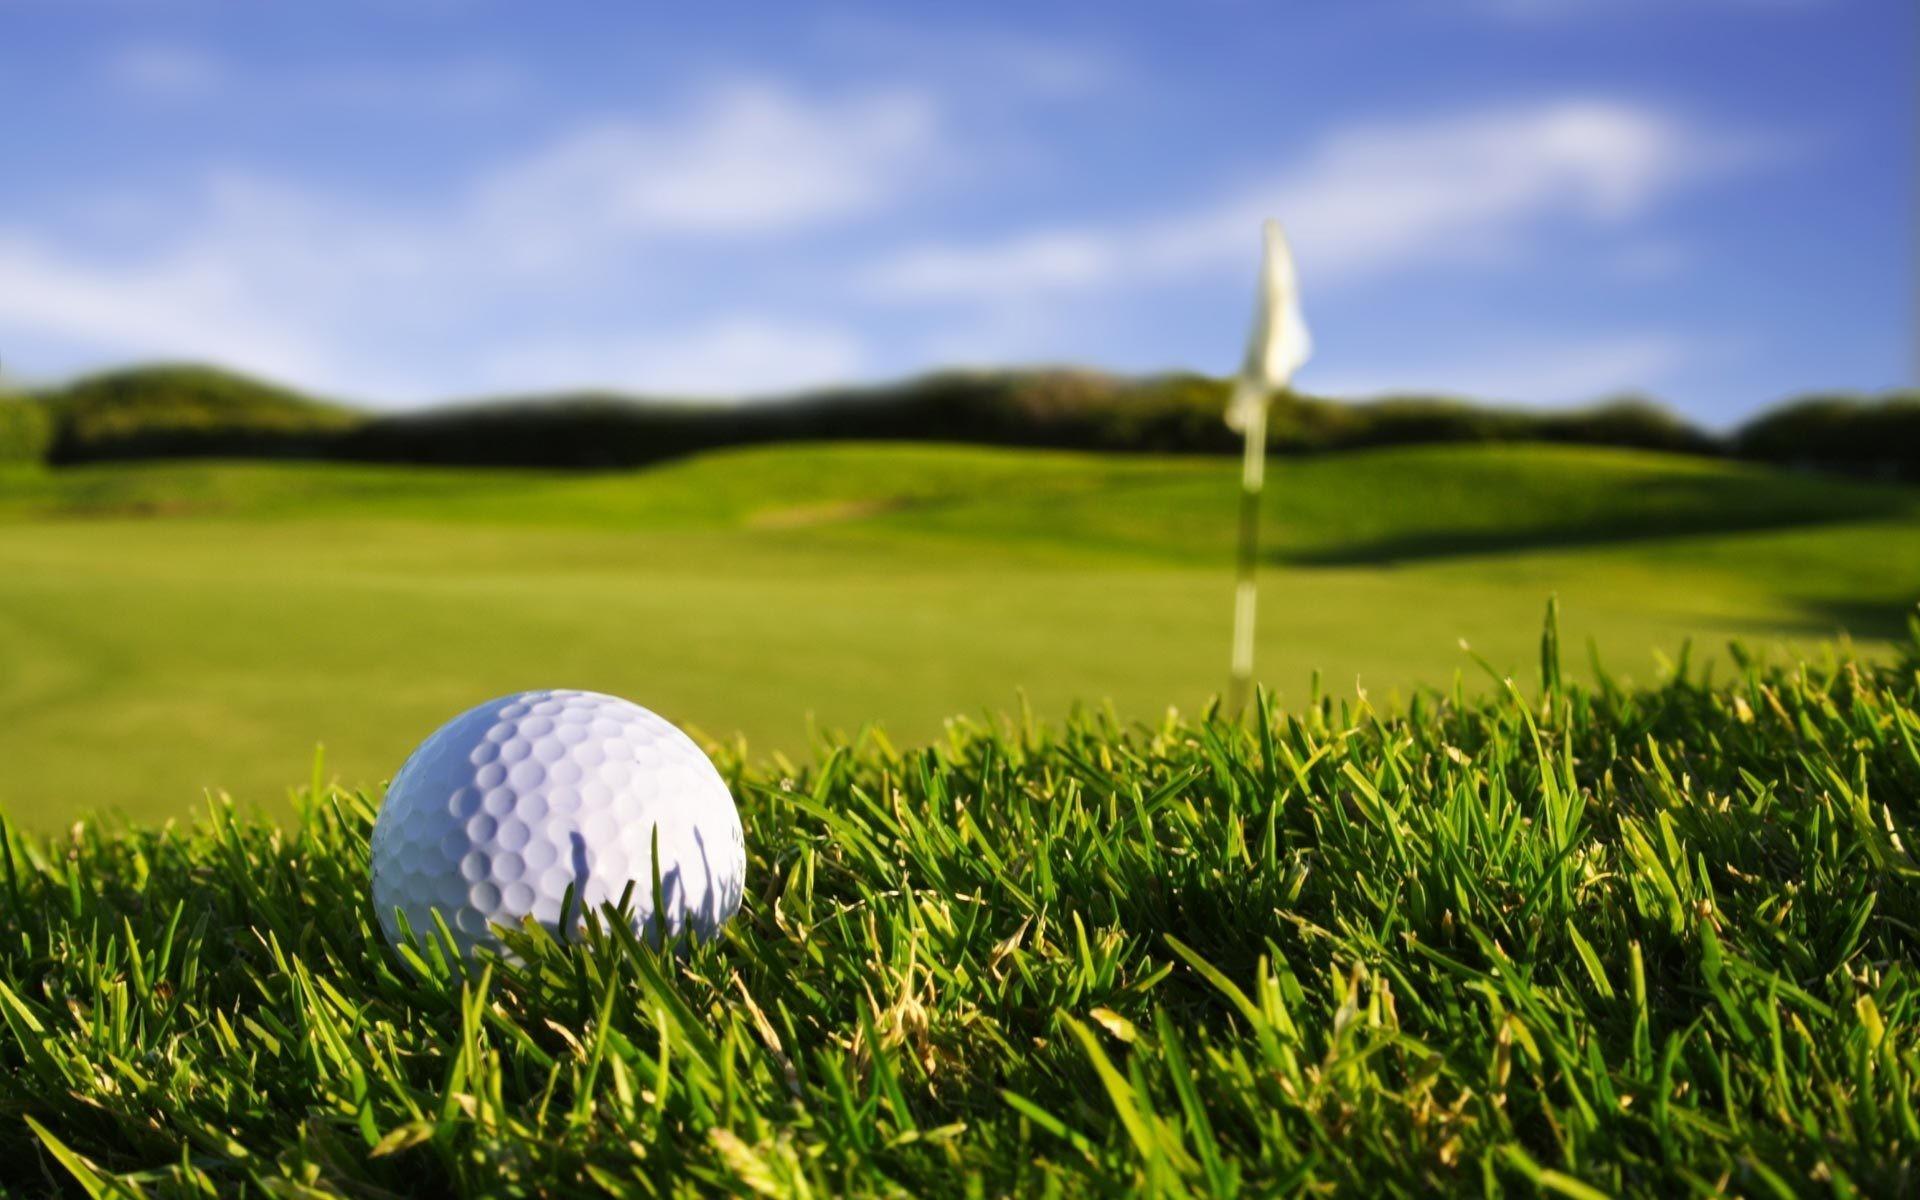 これで達成!ゴルフでスコア100を切るための最も簡単な方法はこれだ!